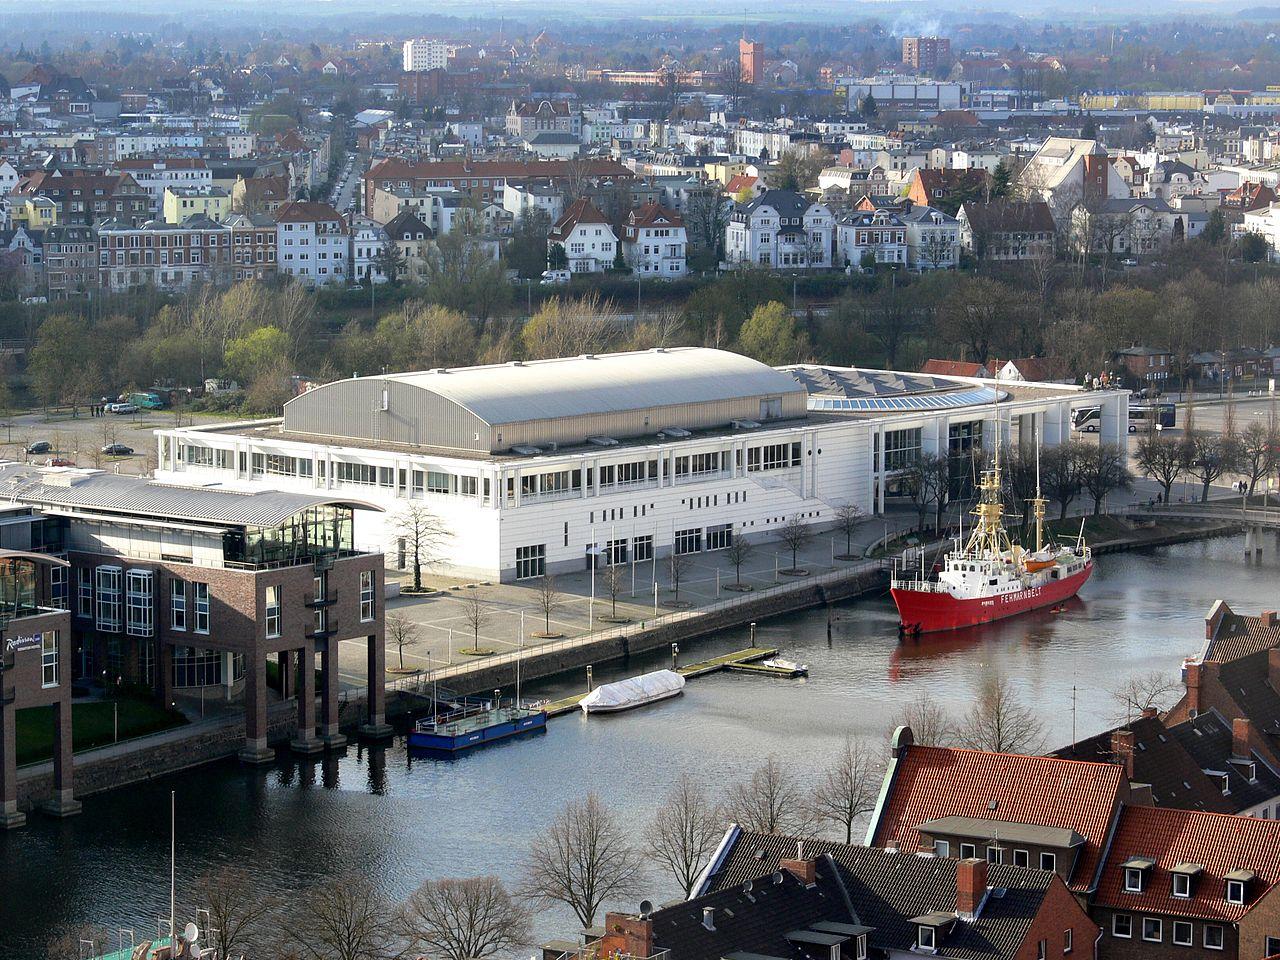 Bild Musik- und Kongresshalle Lübeck